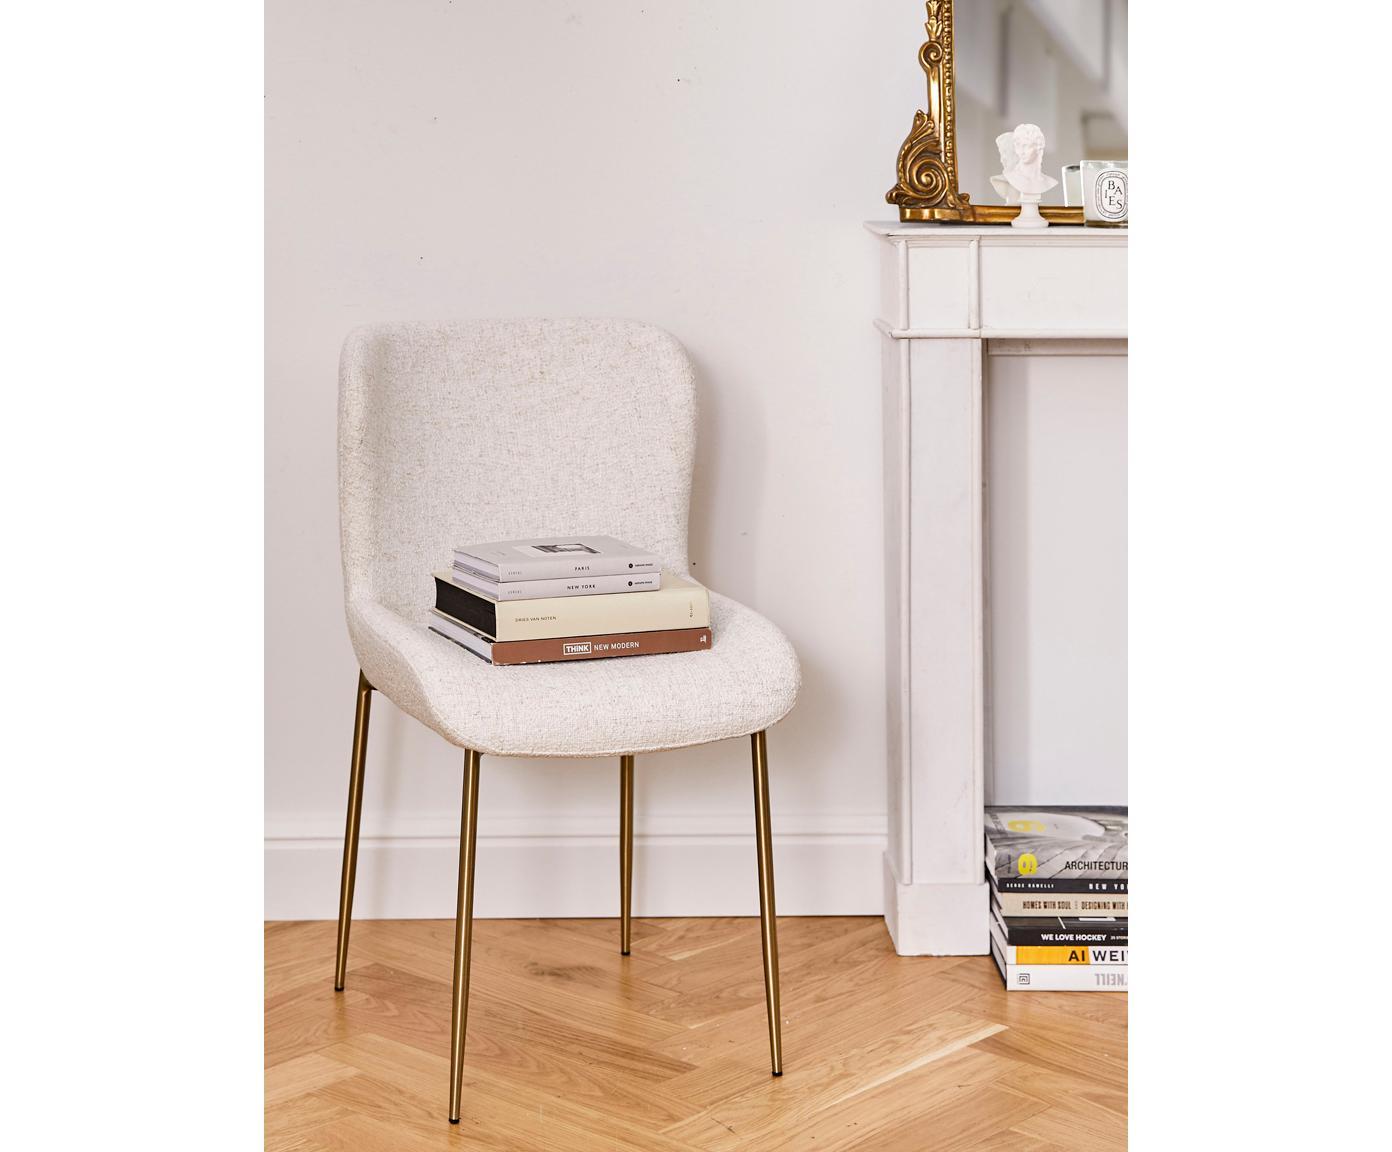 Chaise tissu bouclé rembourré Tess, En tissu bouclé blanc crème, pieds or